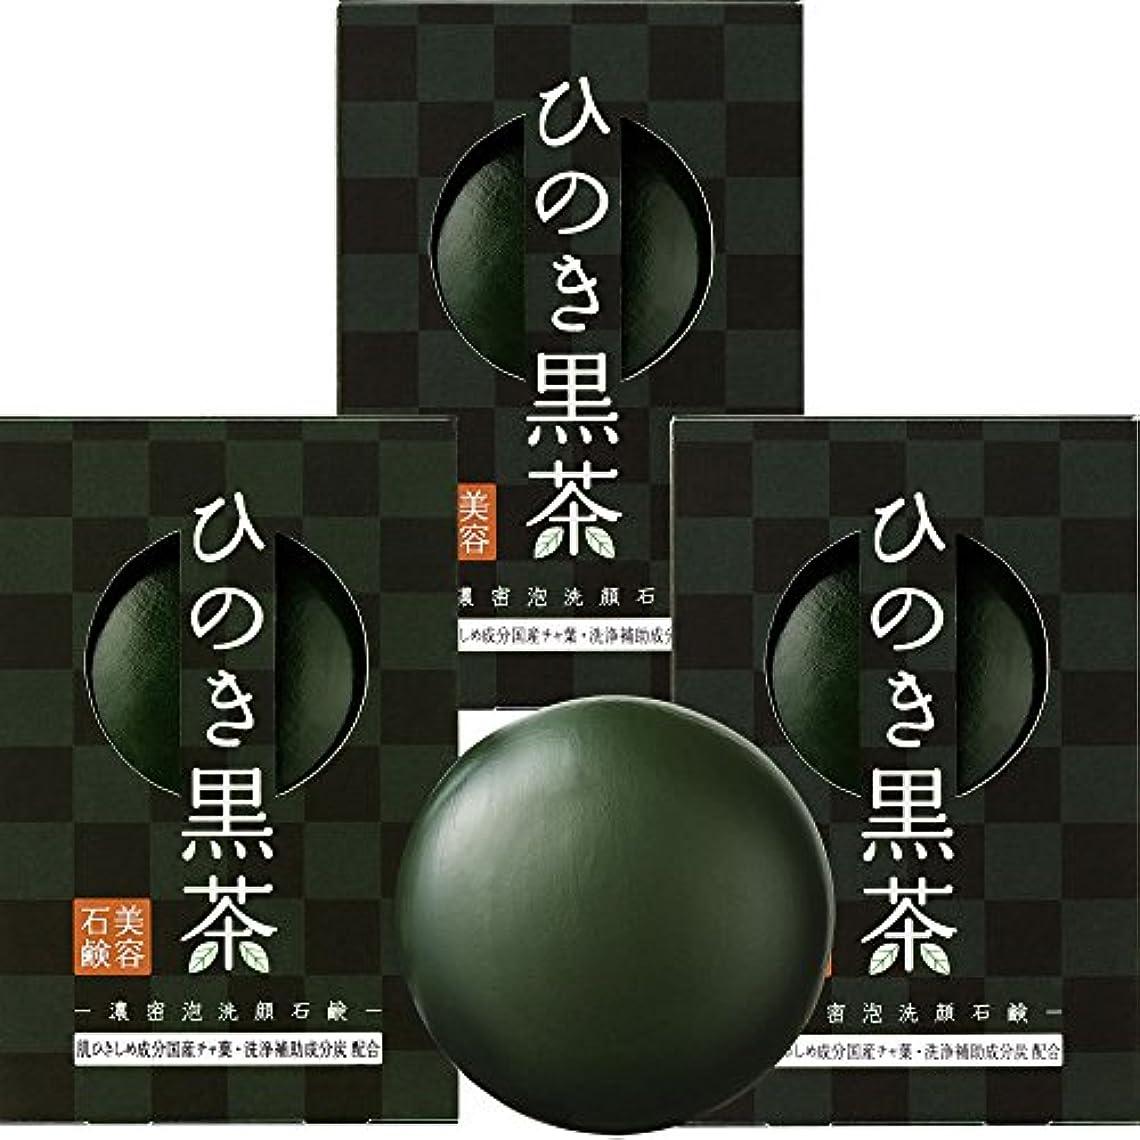 繊細叫び声道徳のひのき黒茶石鹸 (80g×3個) [保湿成分配合] ヒアルロン酸 コラーゲン